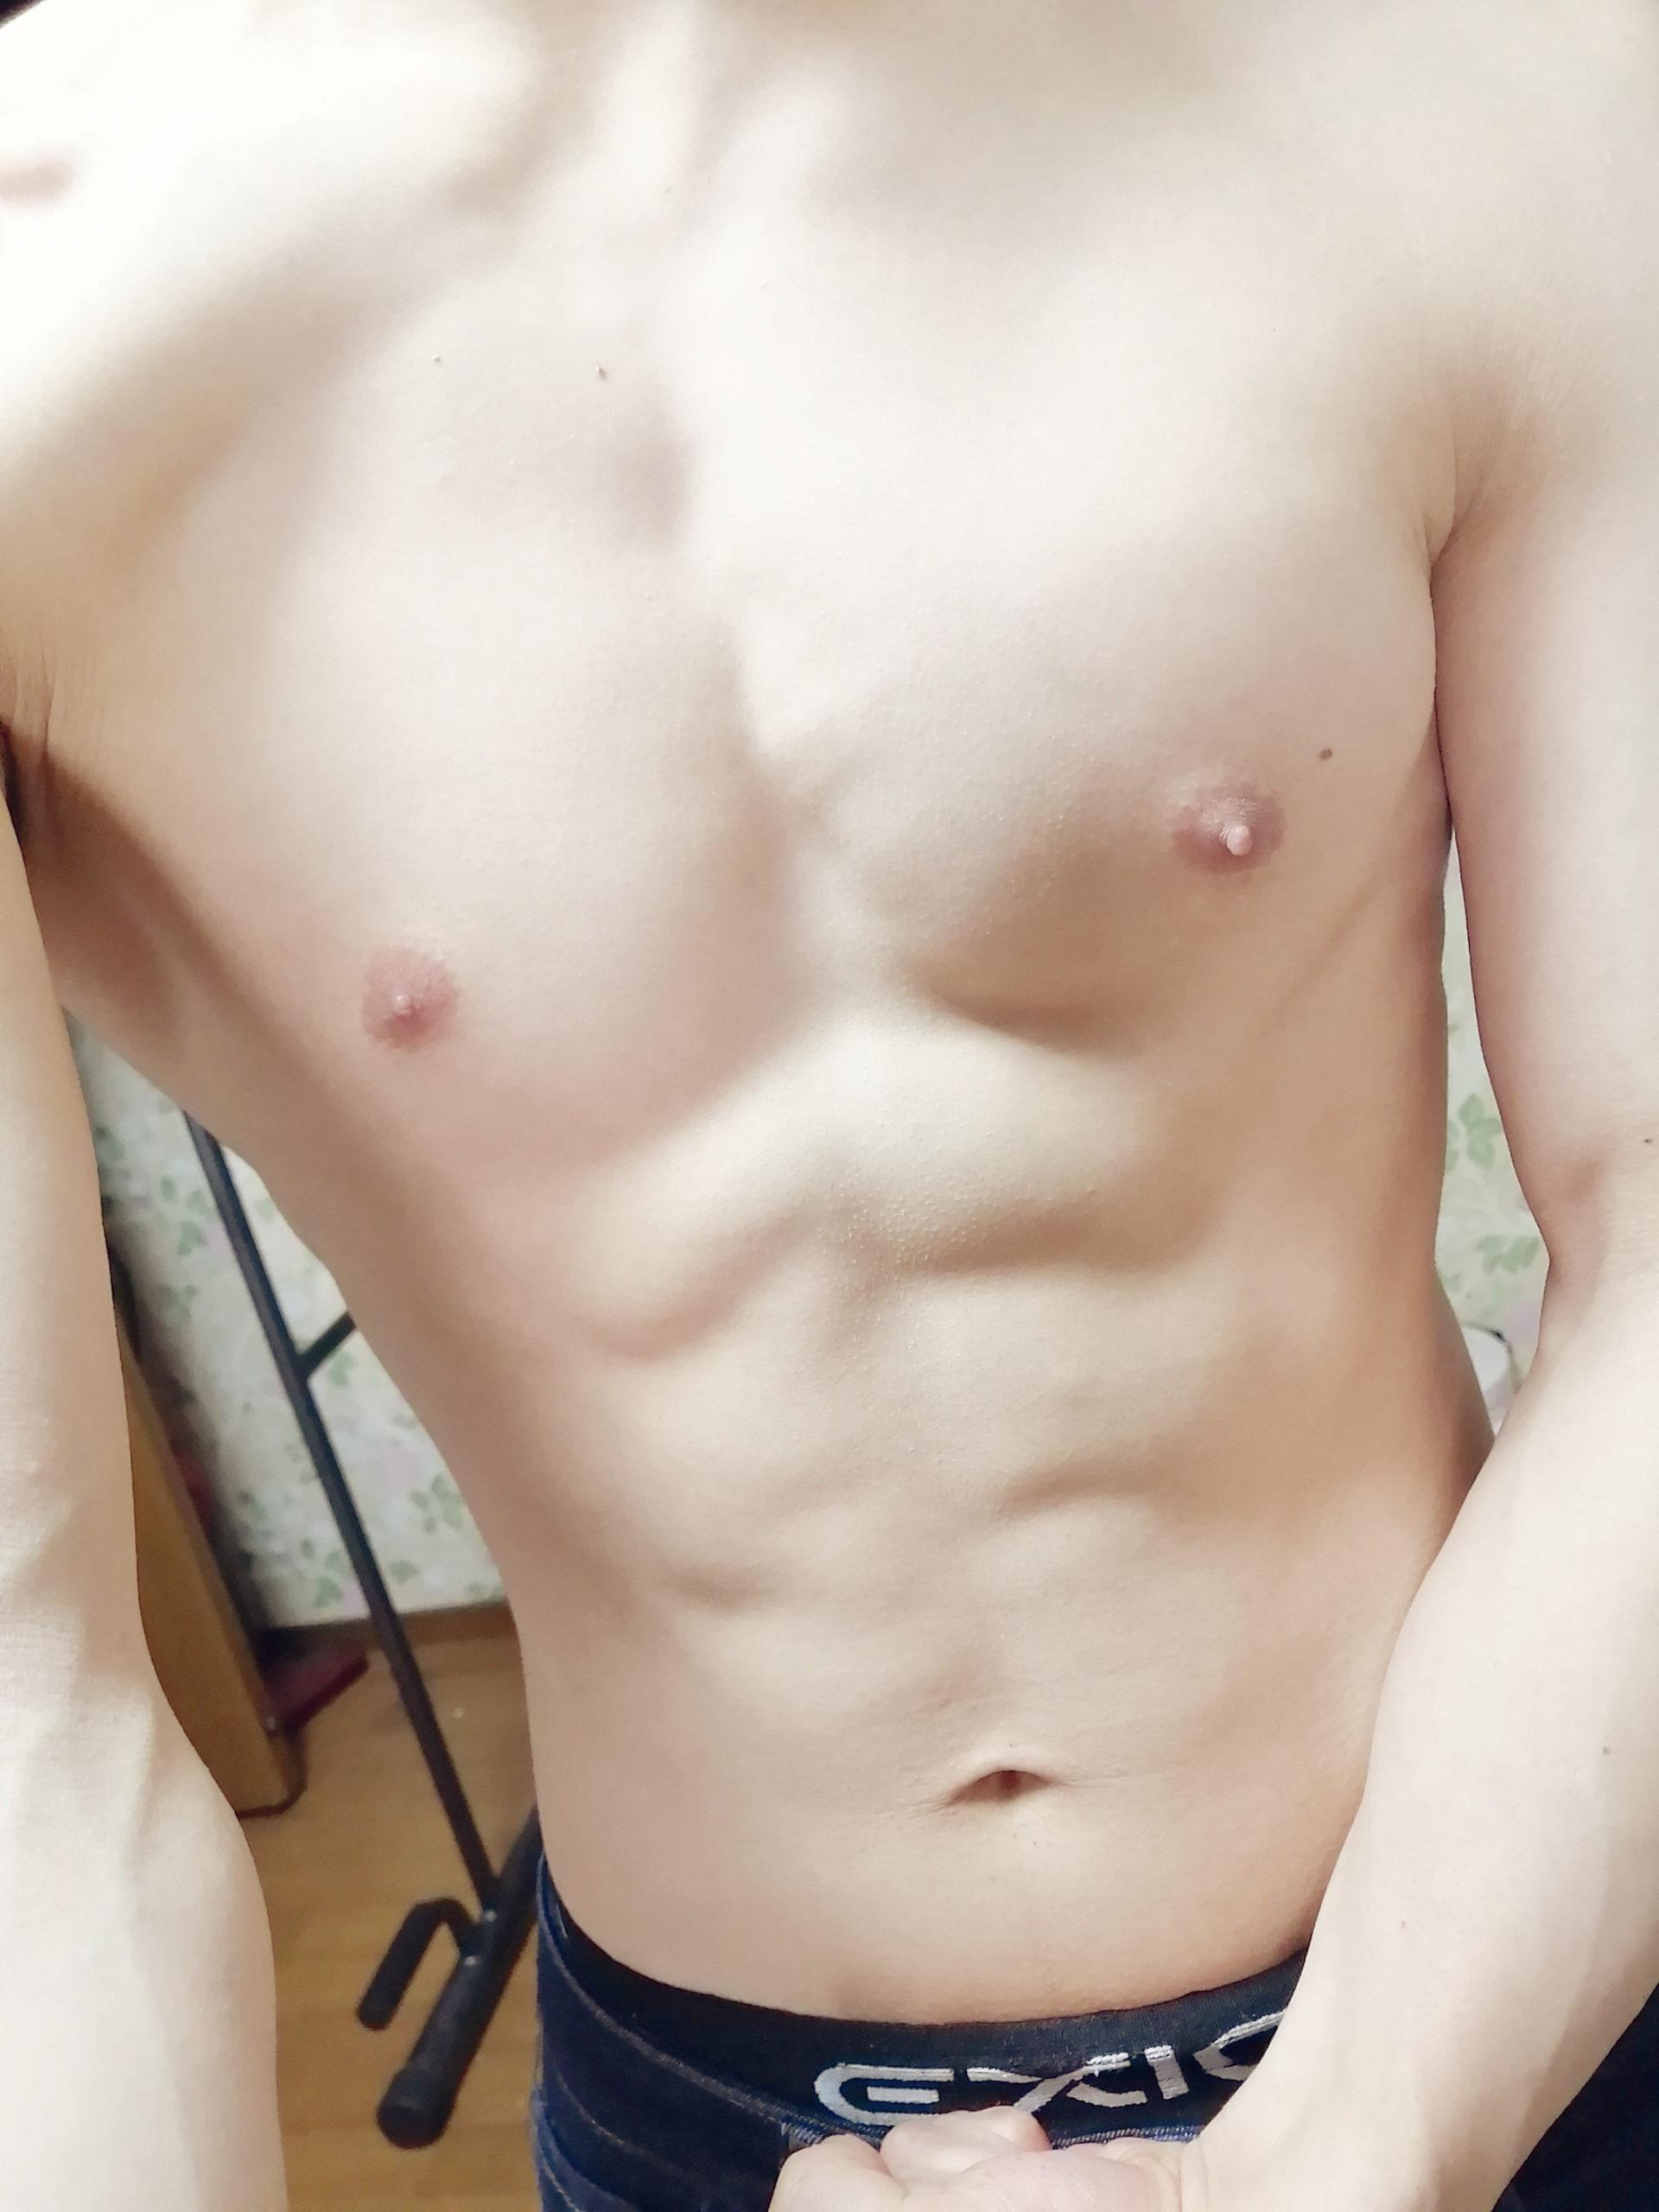 「ダンベルなんキロ持てる?」を見て筋トレ始めたワイの筋肉ww